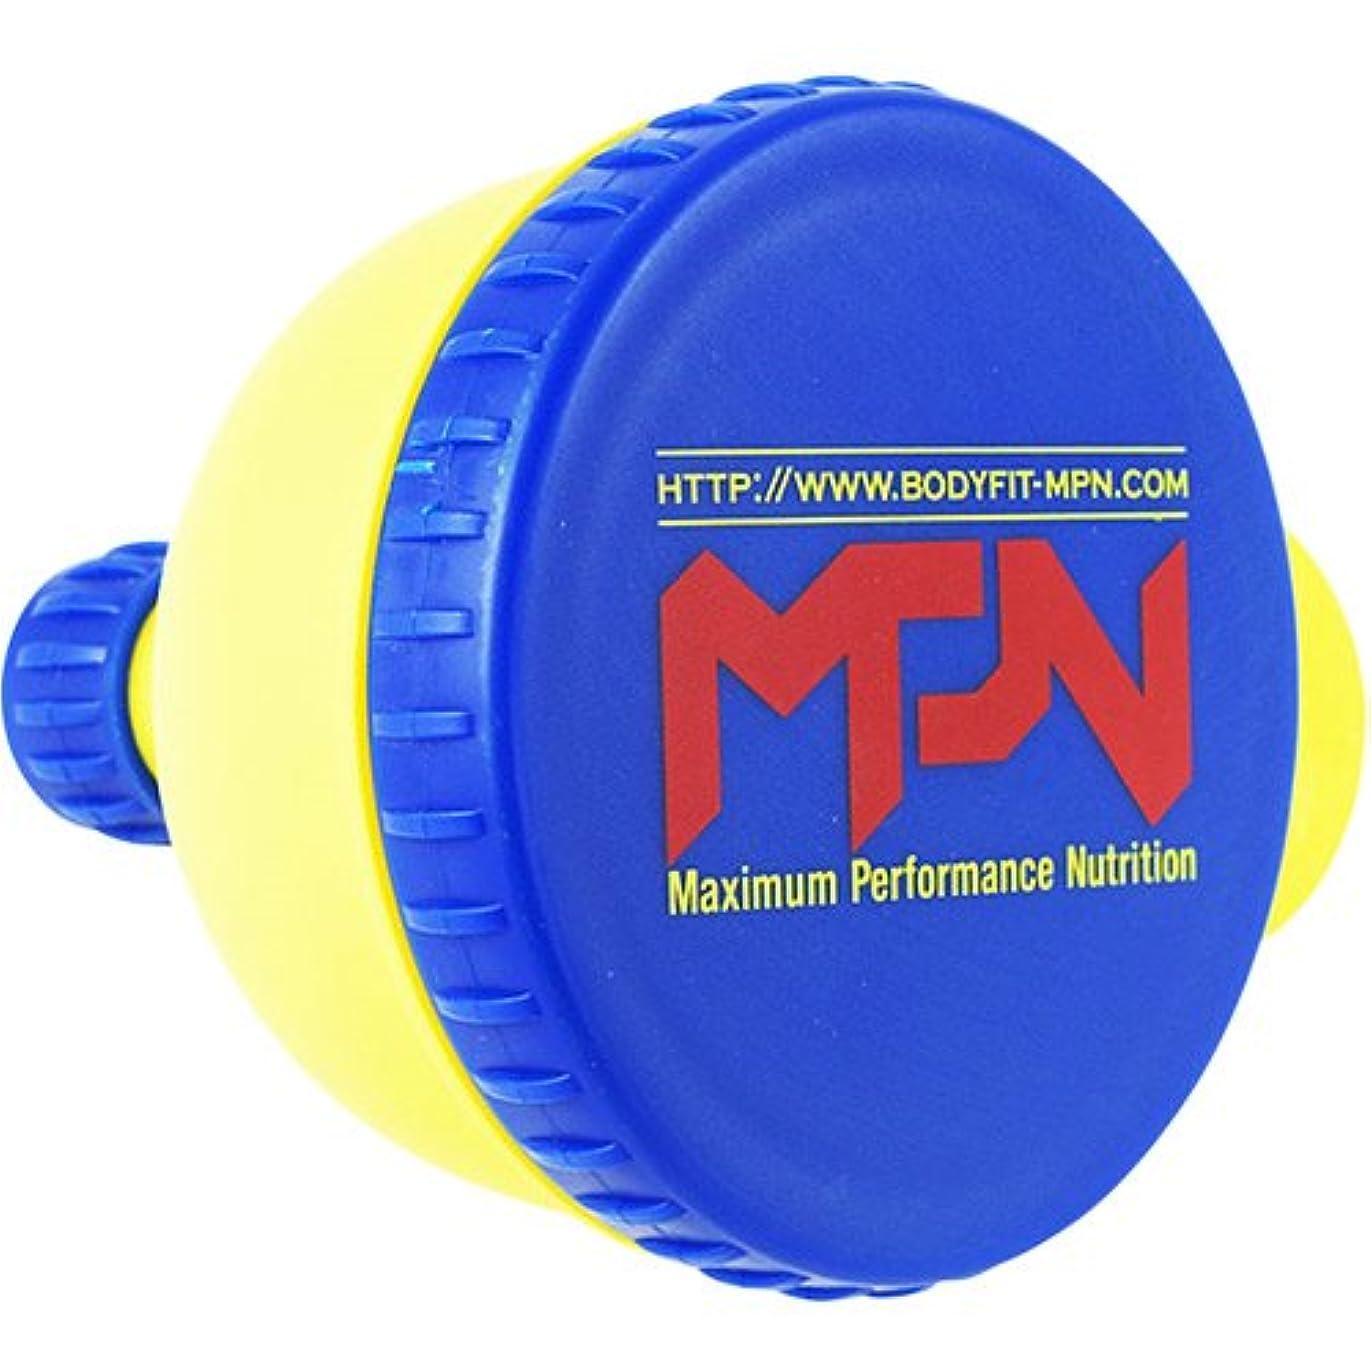 任命に対処する邪魔するボディフィット MPN ファンネル 粉末サプリメント小分け携帯用漏斗